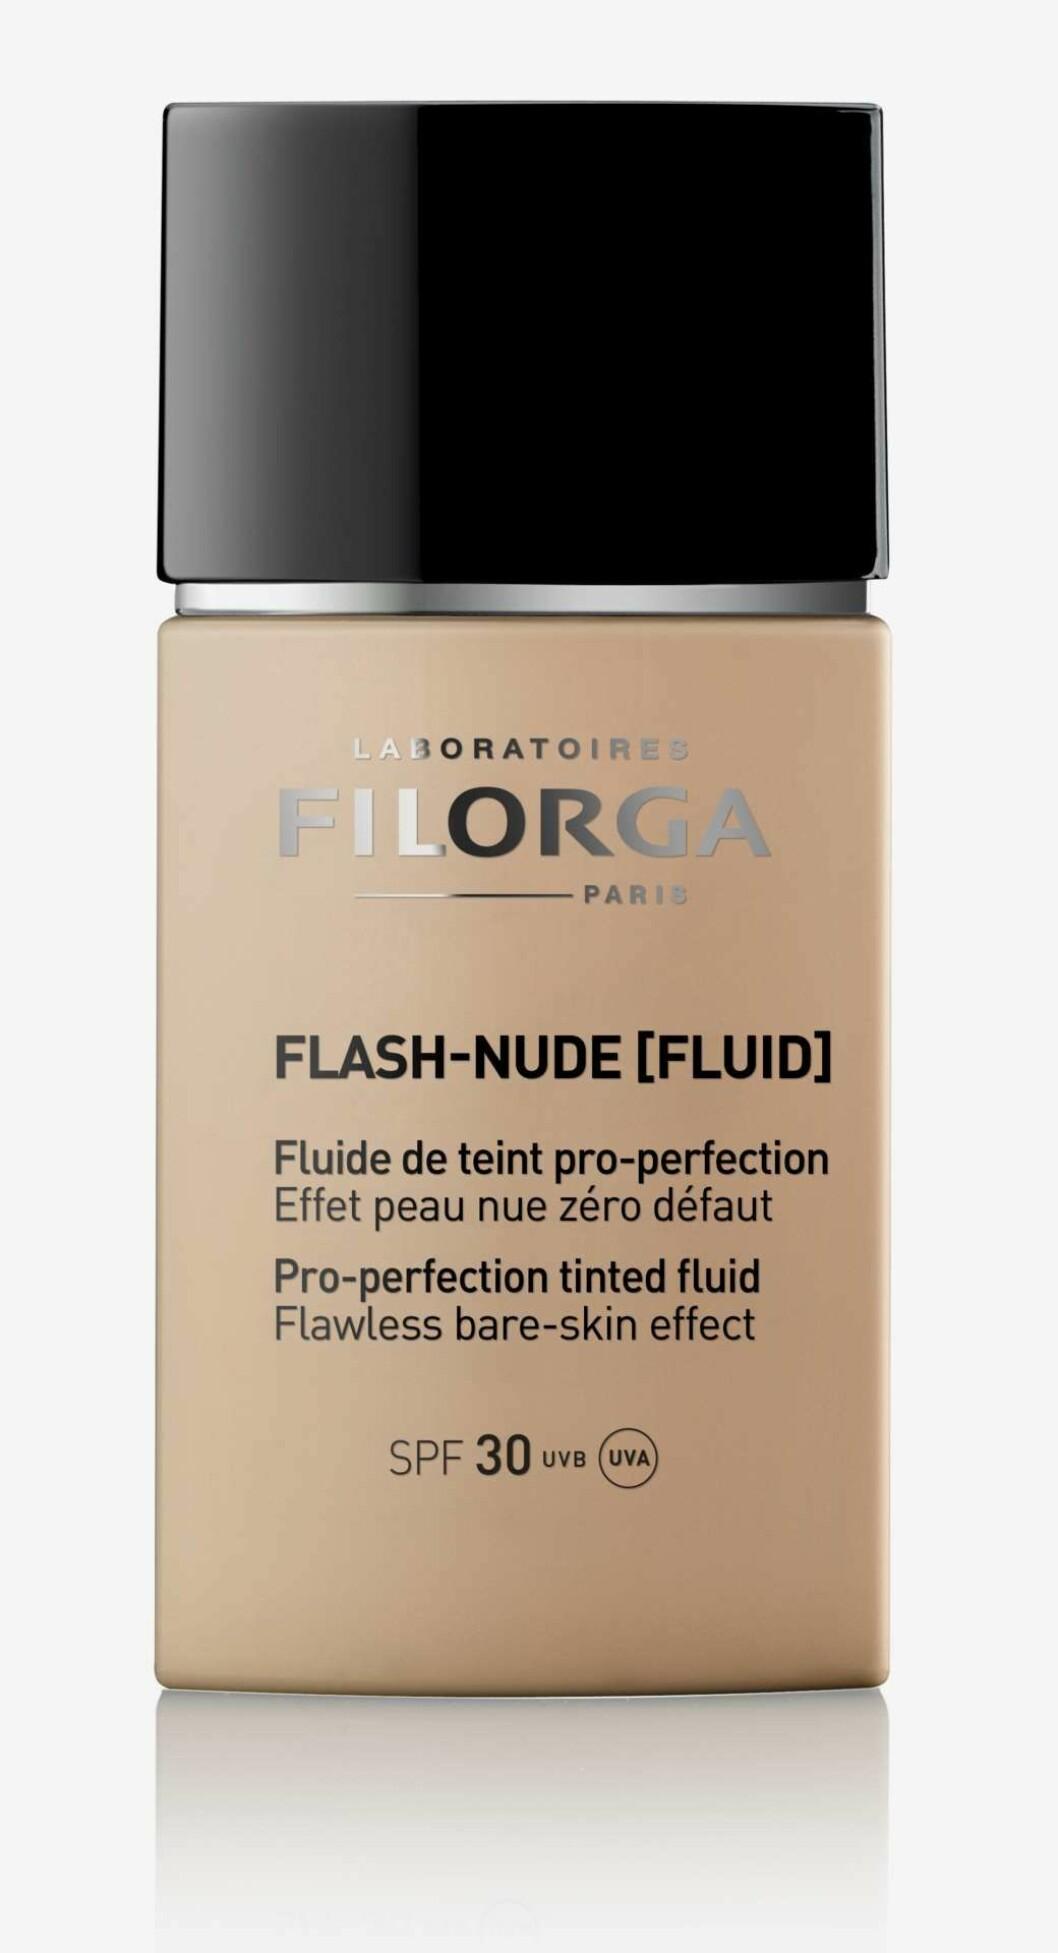 Foundation med spf 30 som skyddar mot UVA och UVB strålar och föroreningar från Filorga.